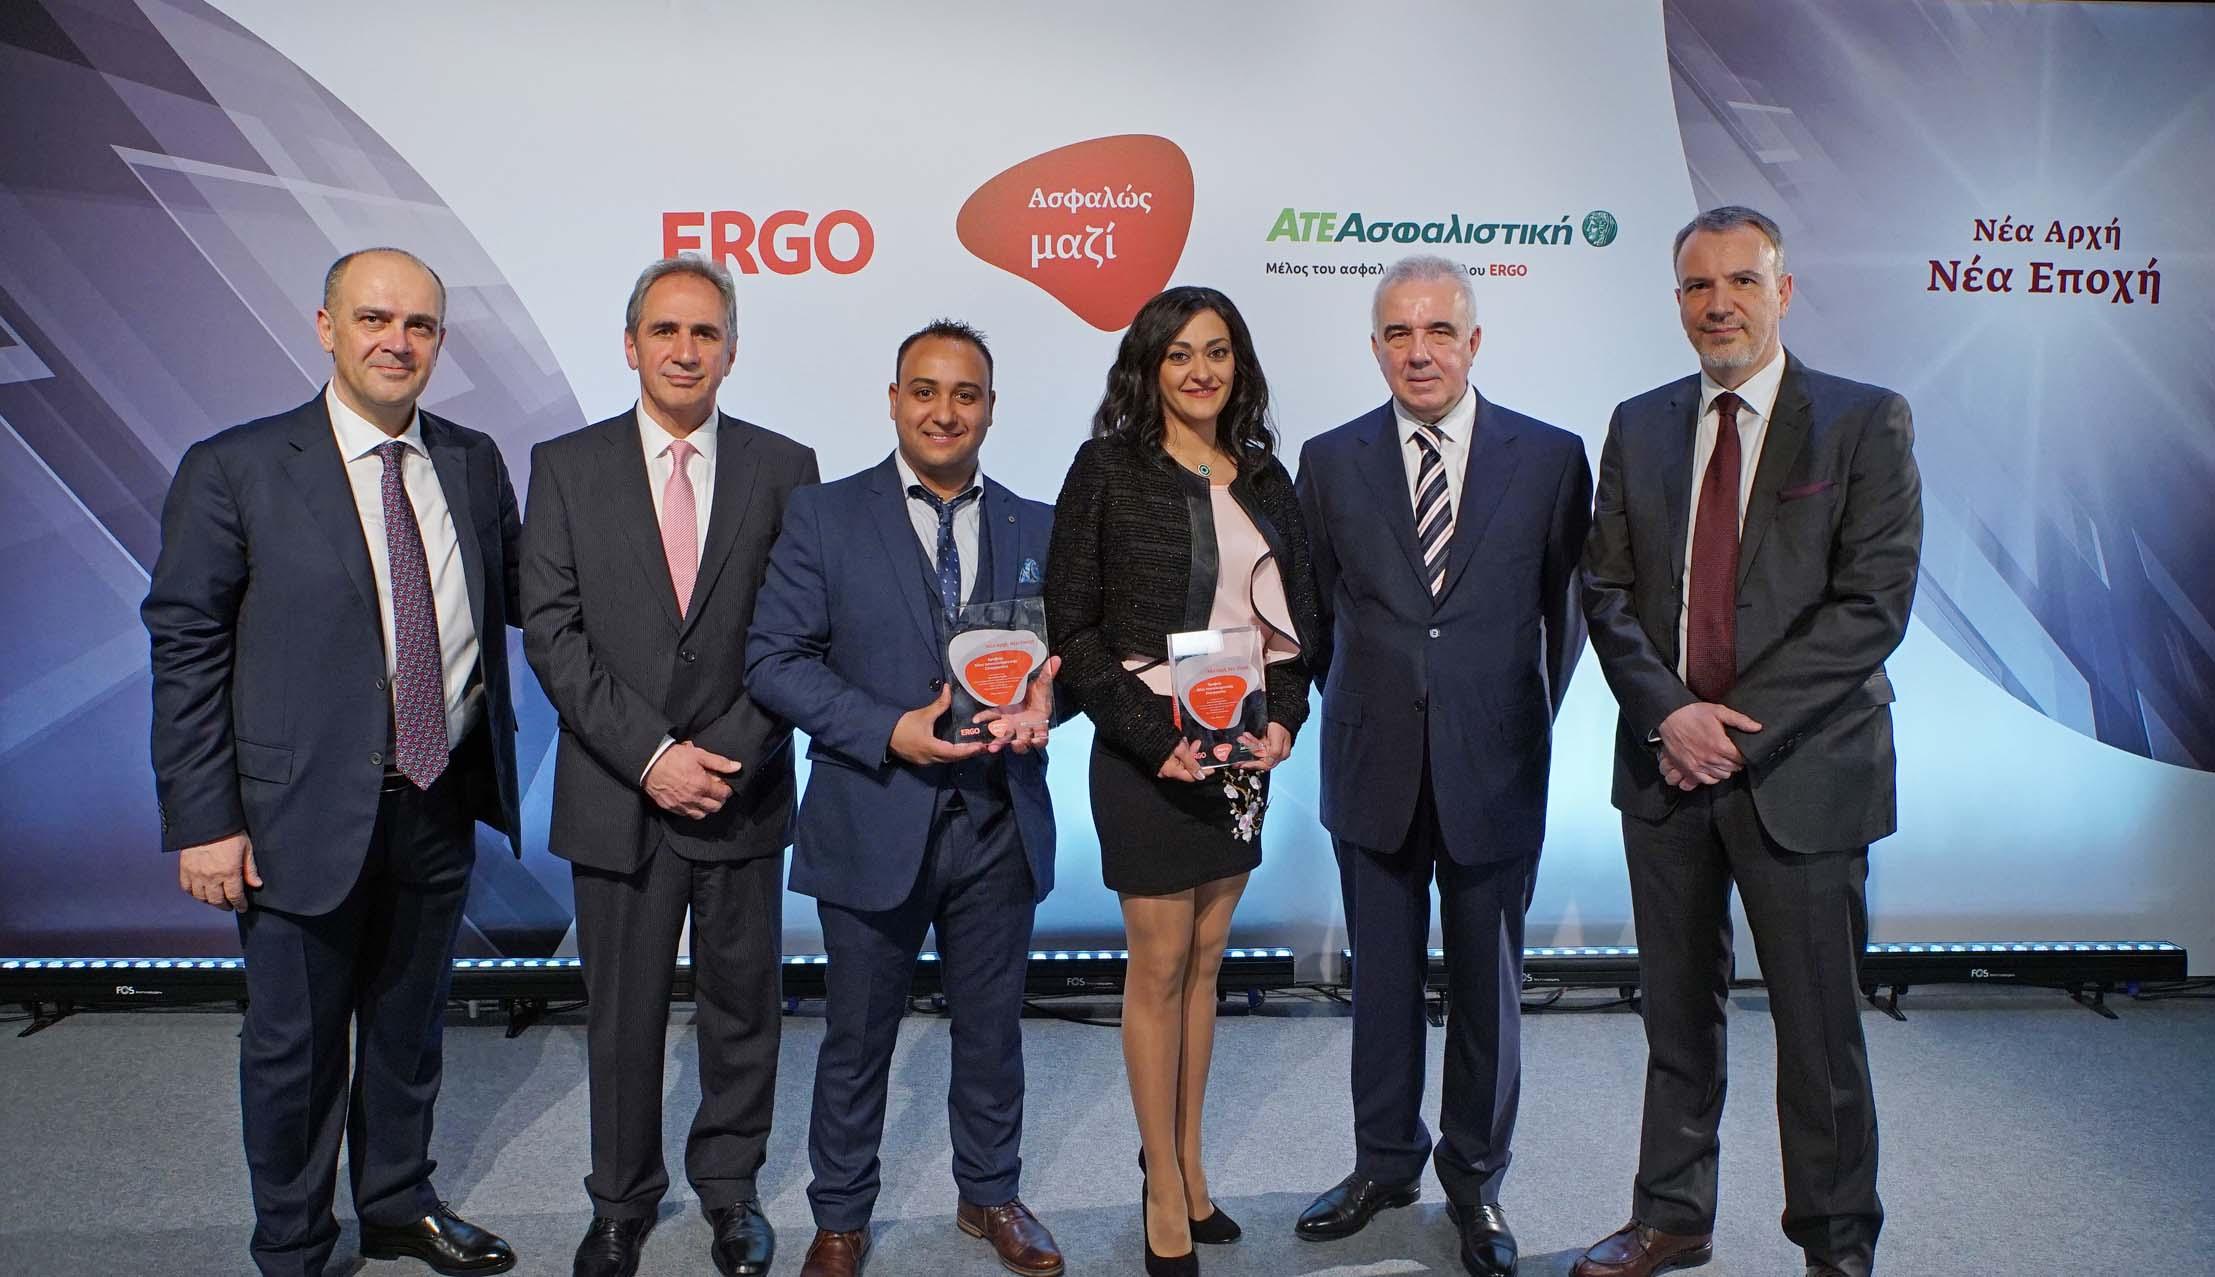 Ομαδική φωτογραφία Βραβείου Νέας Αποτελεσματικής Συνεργασίας Εταιρικού Δικτύου ERGO